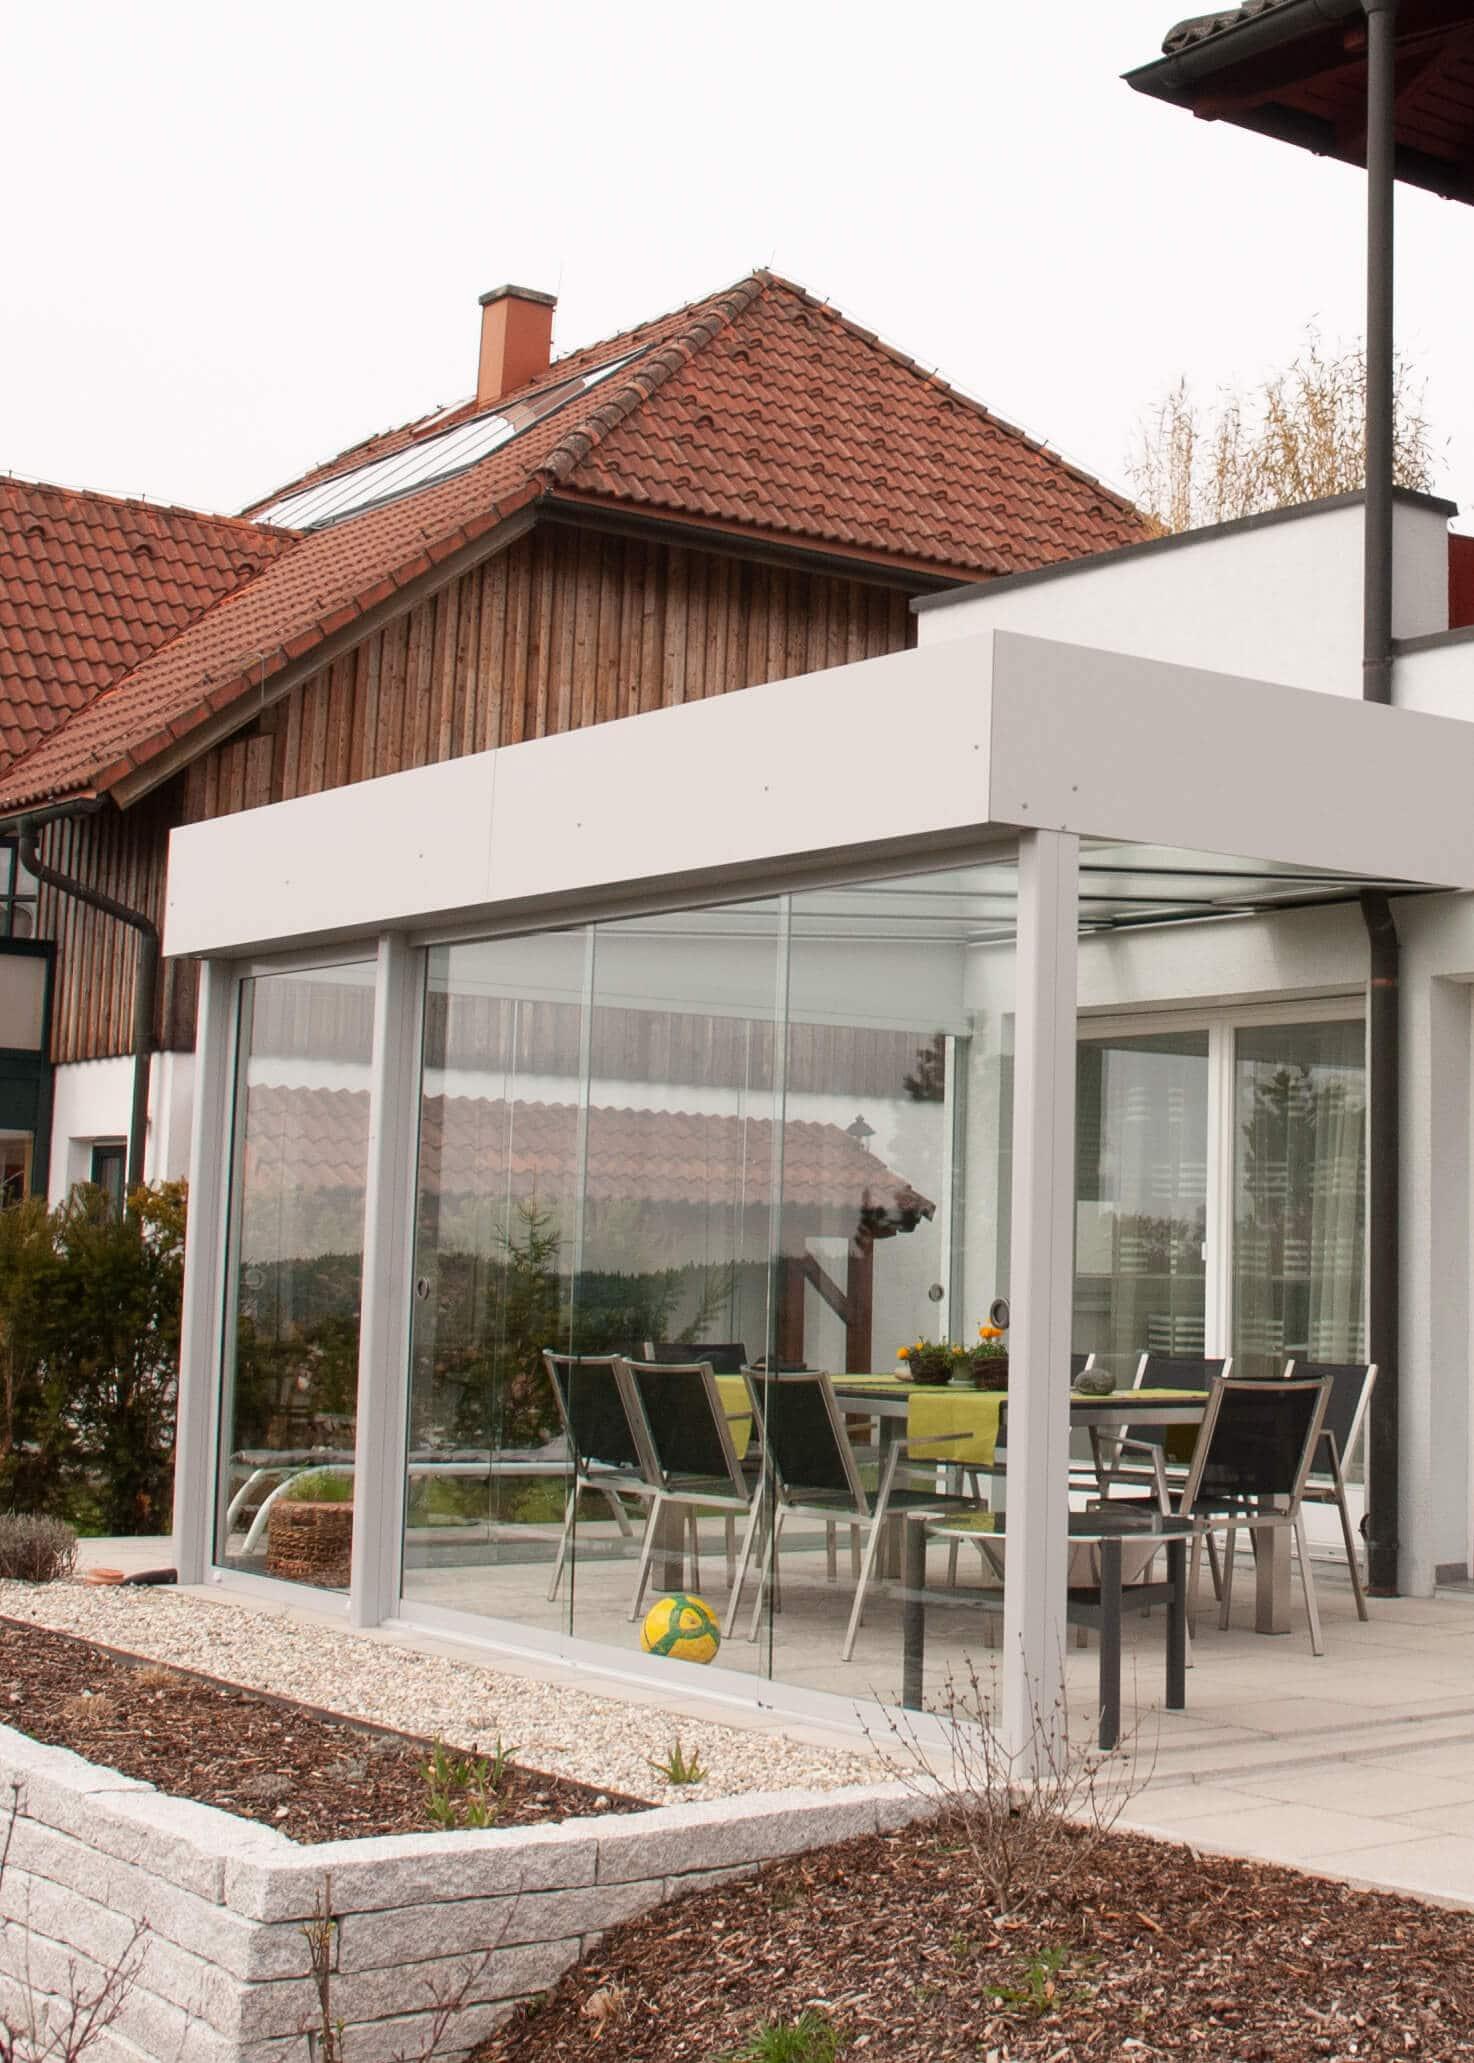 Uberdachung Terrasse Glas Kosten Terrassenuberdachung Struktur